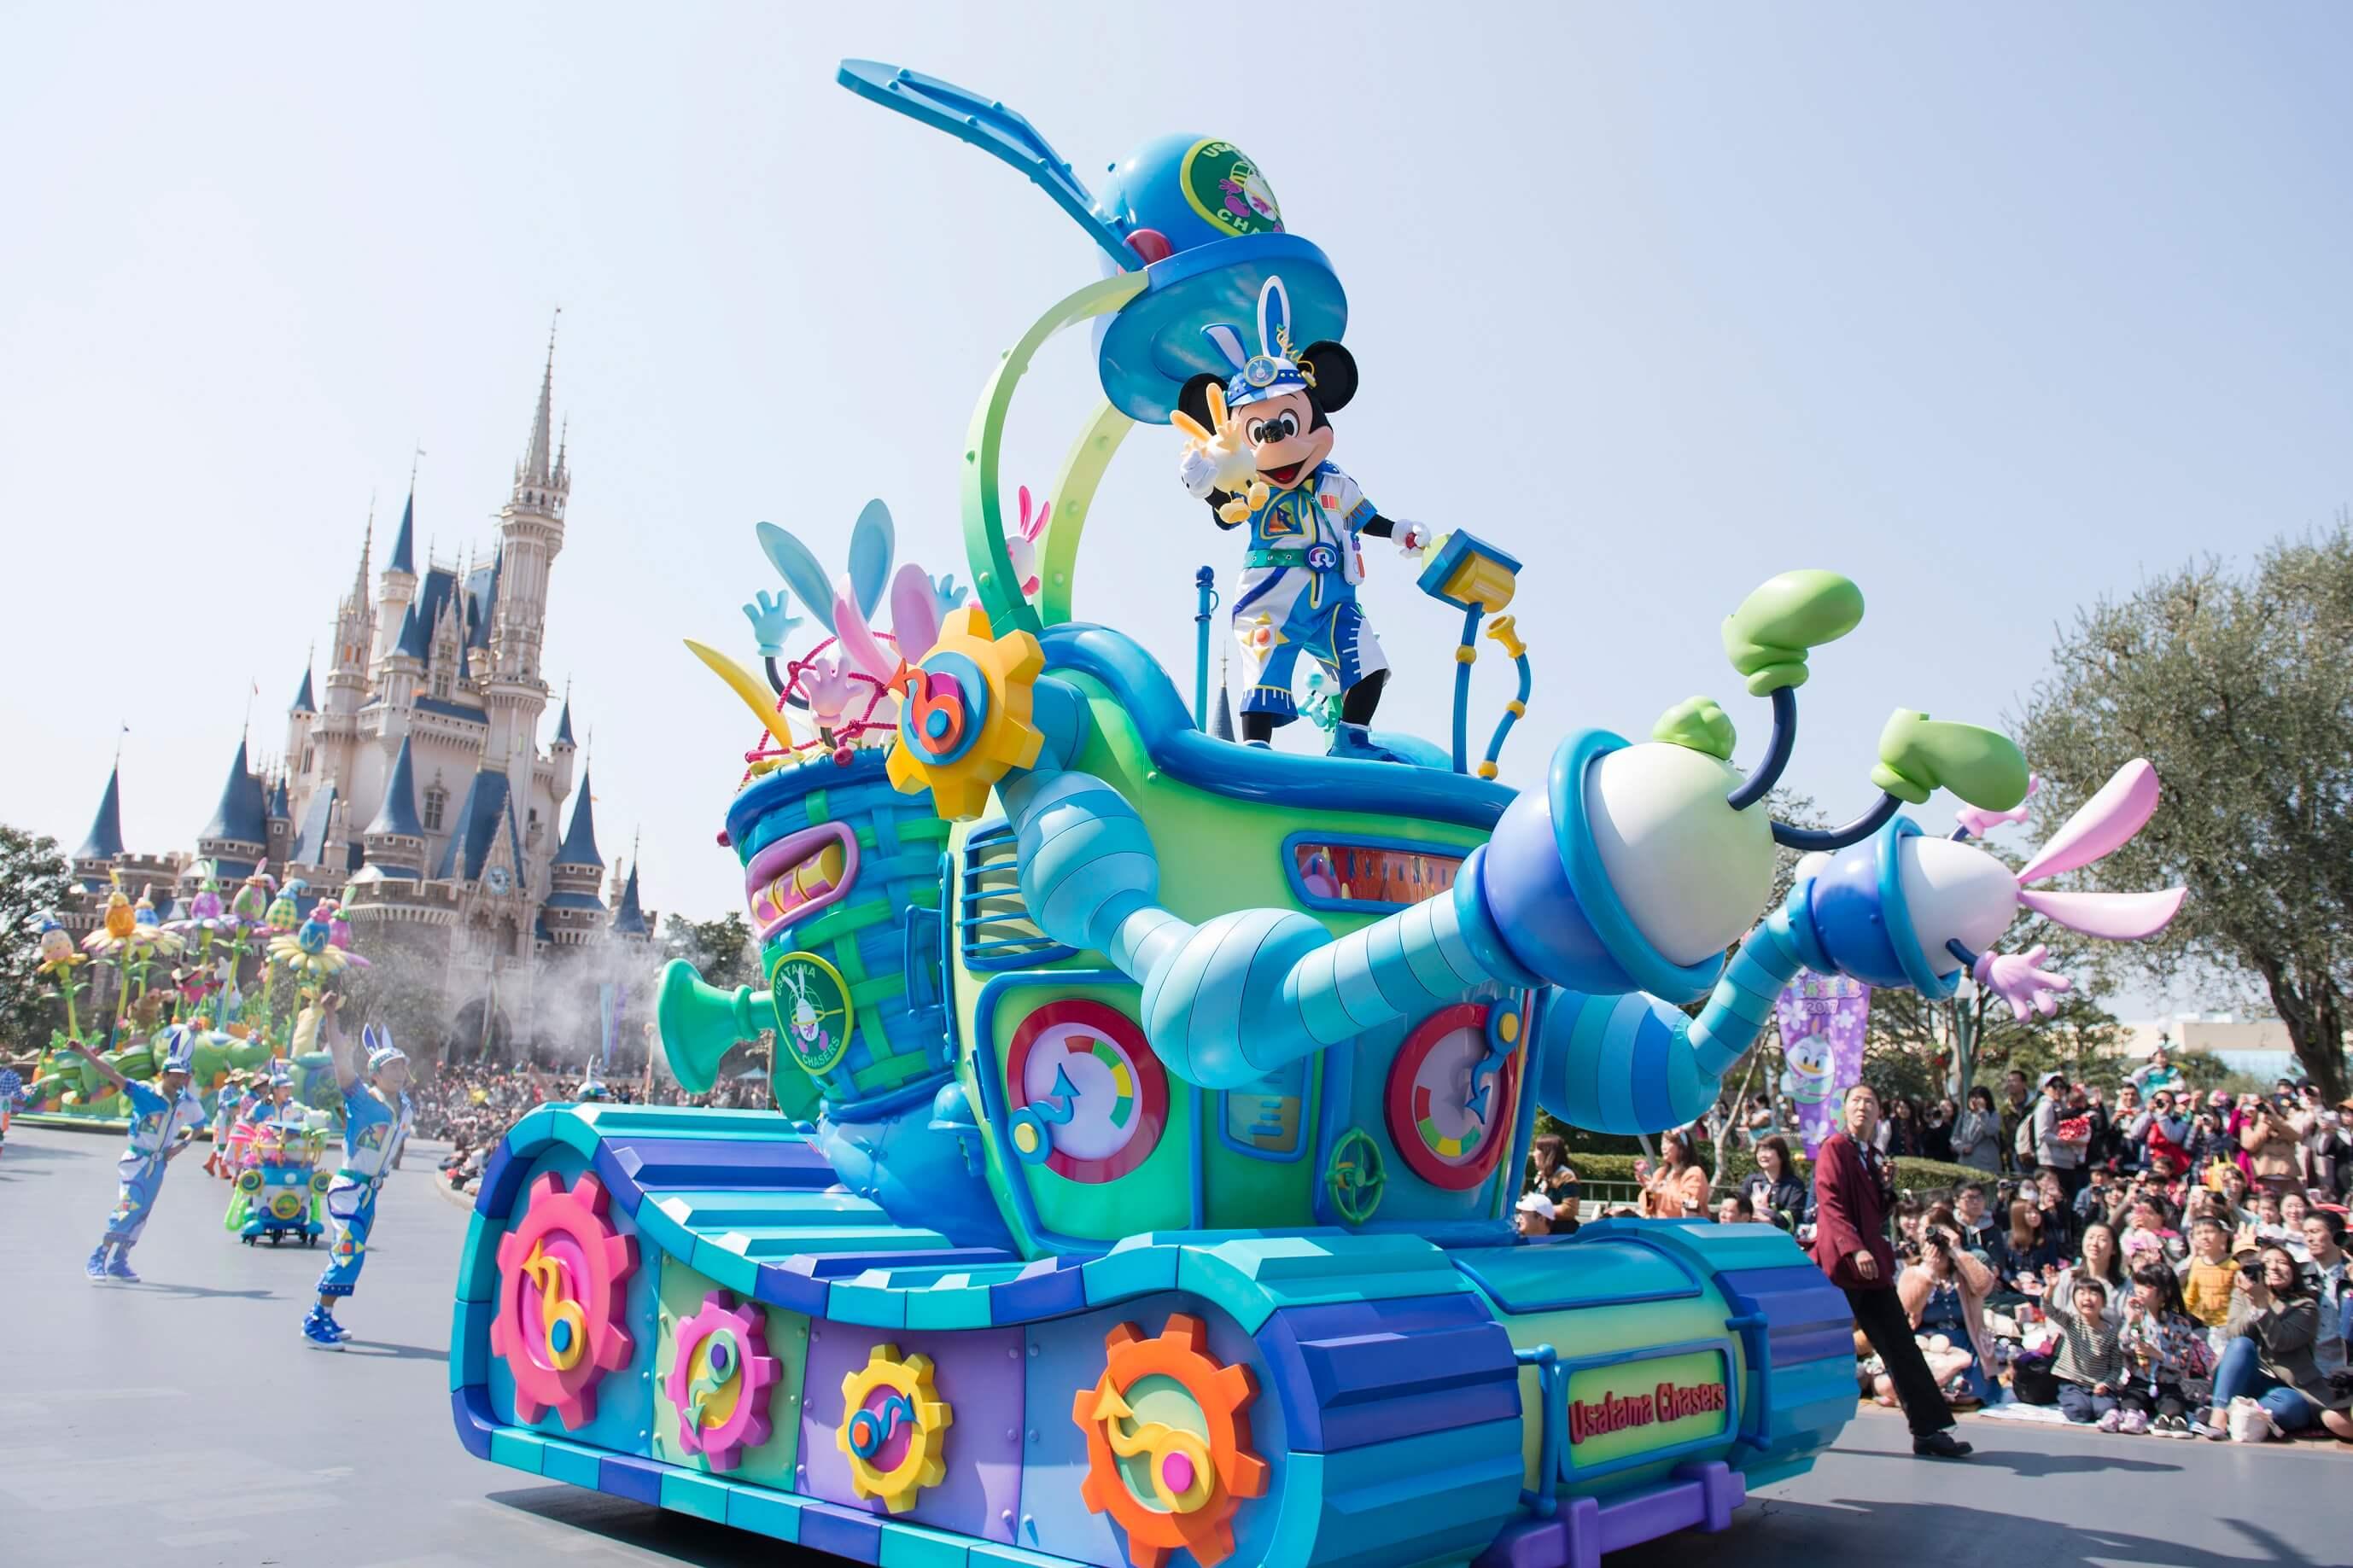 「兔子蛋」大逃脫即將展開!東京迪士尼復活節追逐戰登場 東京迪士尼樂園、東京迪士尼海洋、